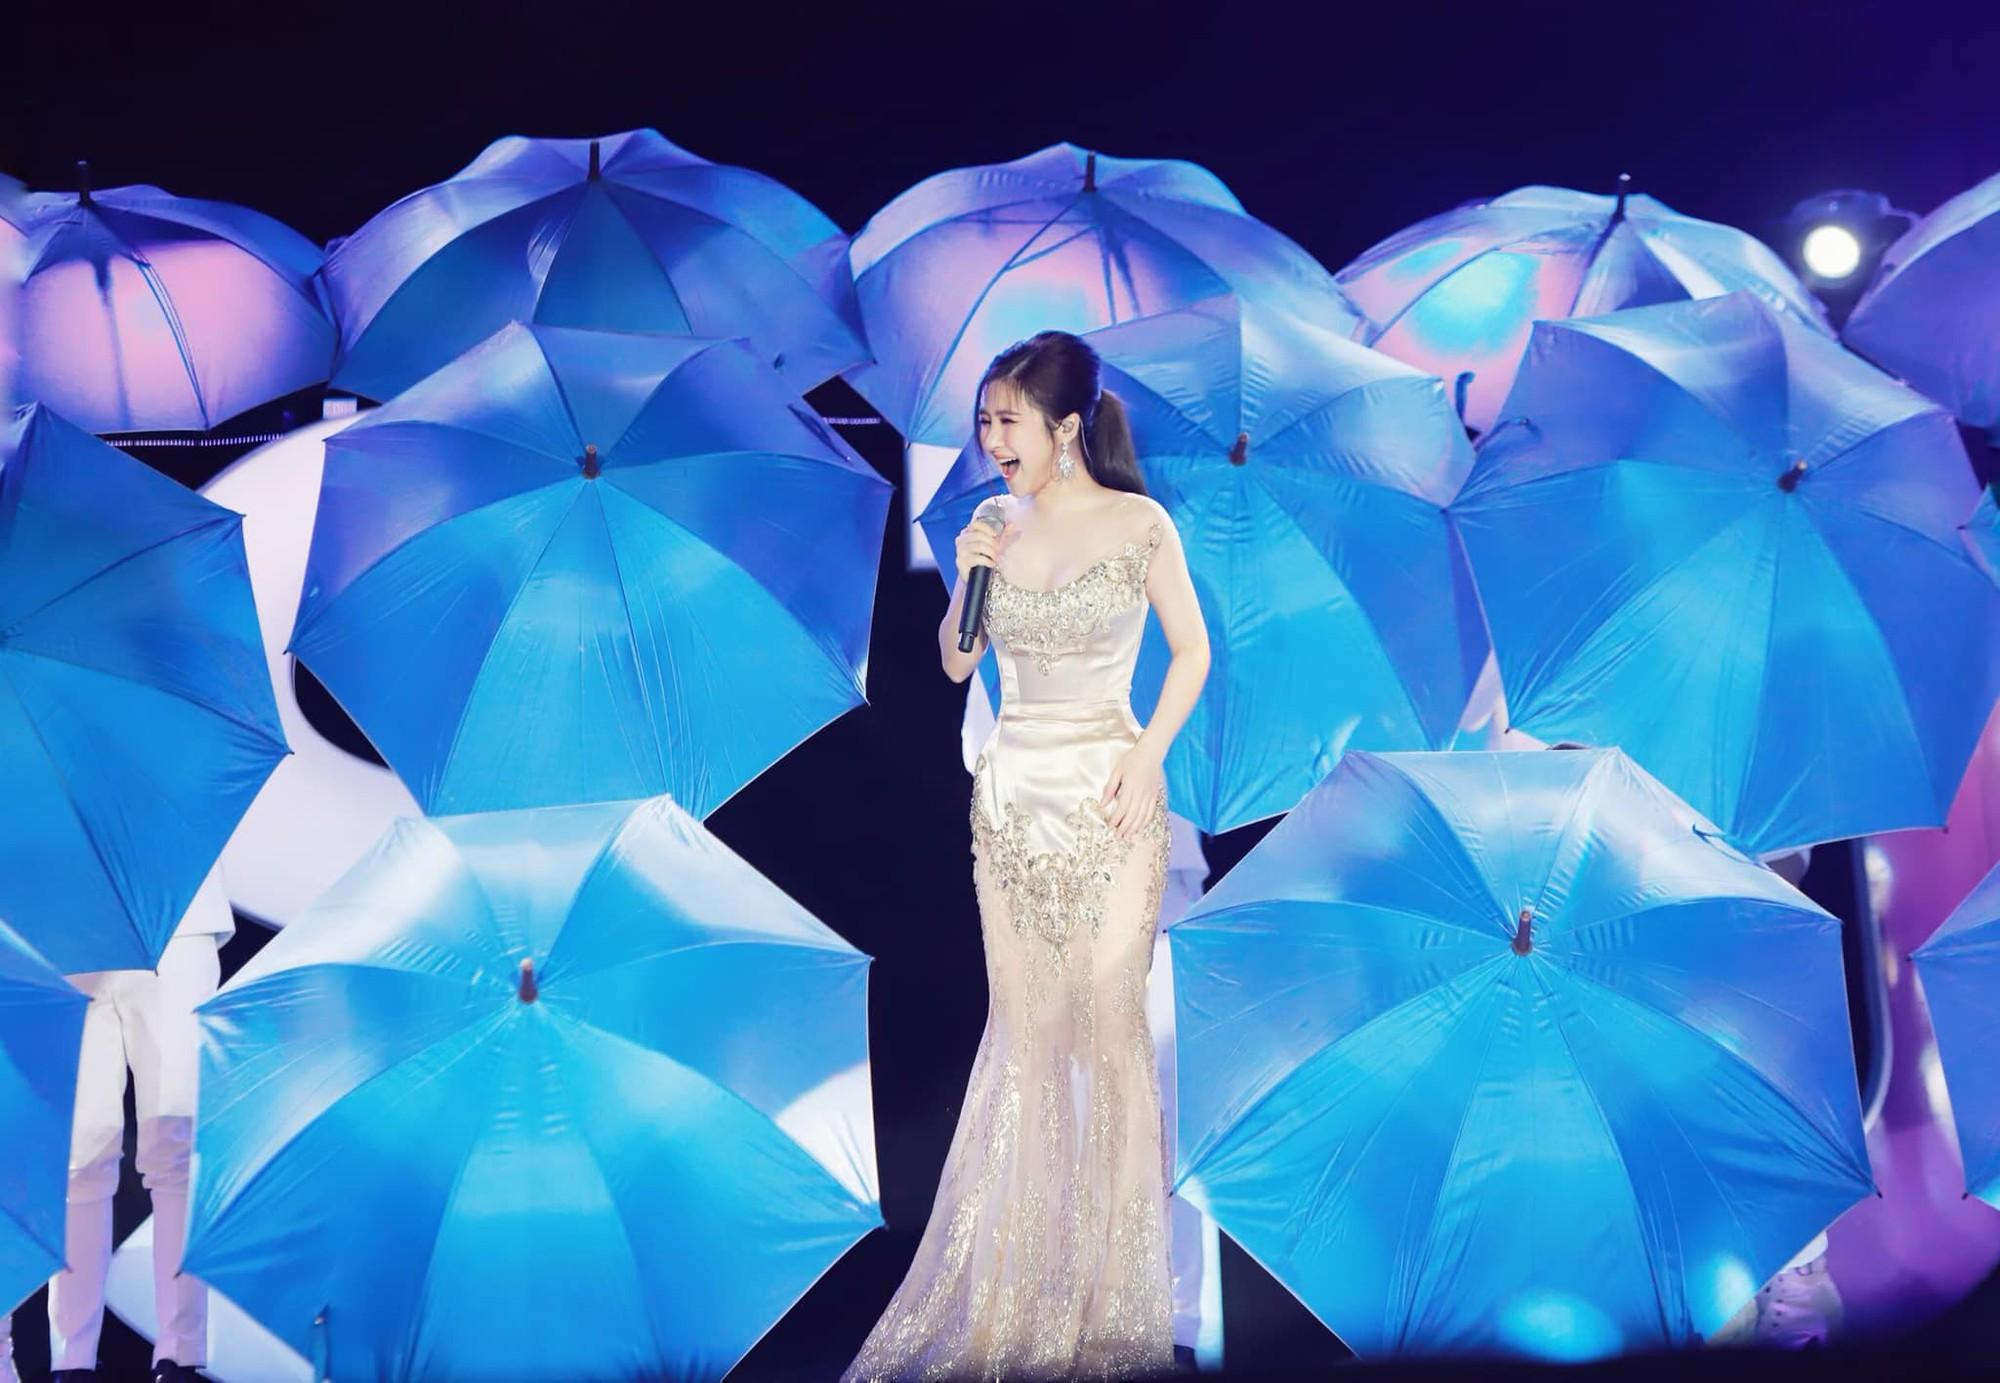 Đi Mỹ du học chưa lâu, Hương Tràm đăng clip hát live cực khủng nhưng bất ngờ thay fan lại chỉ chú ý đến... vòng eo-1